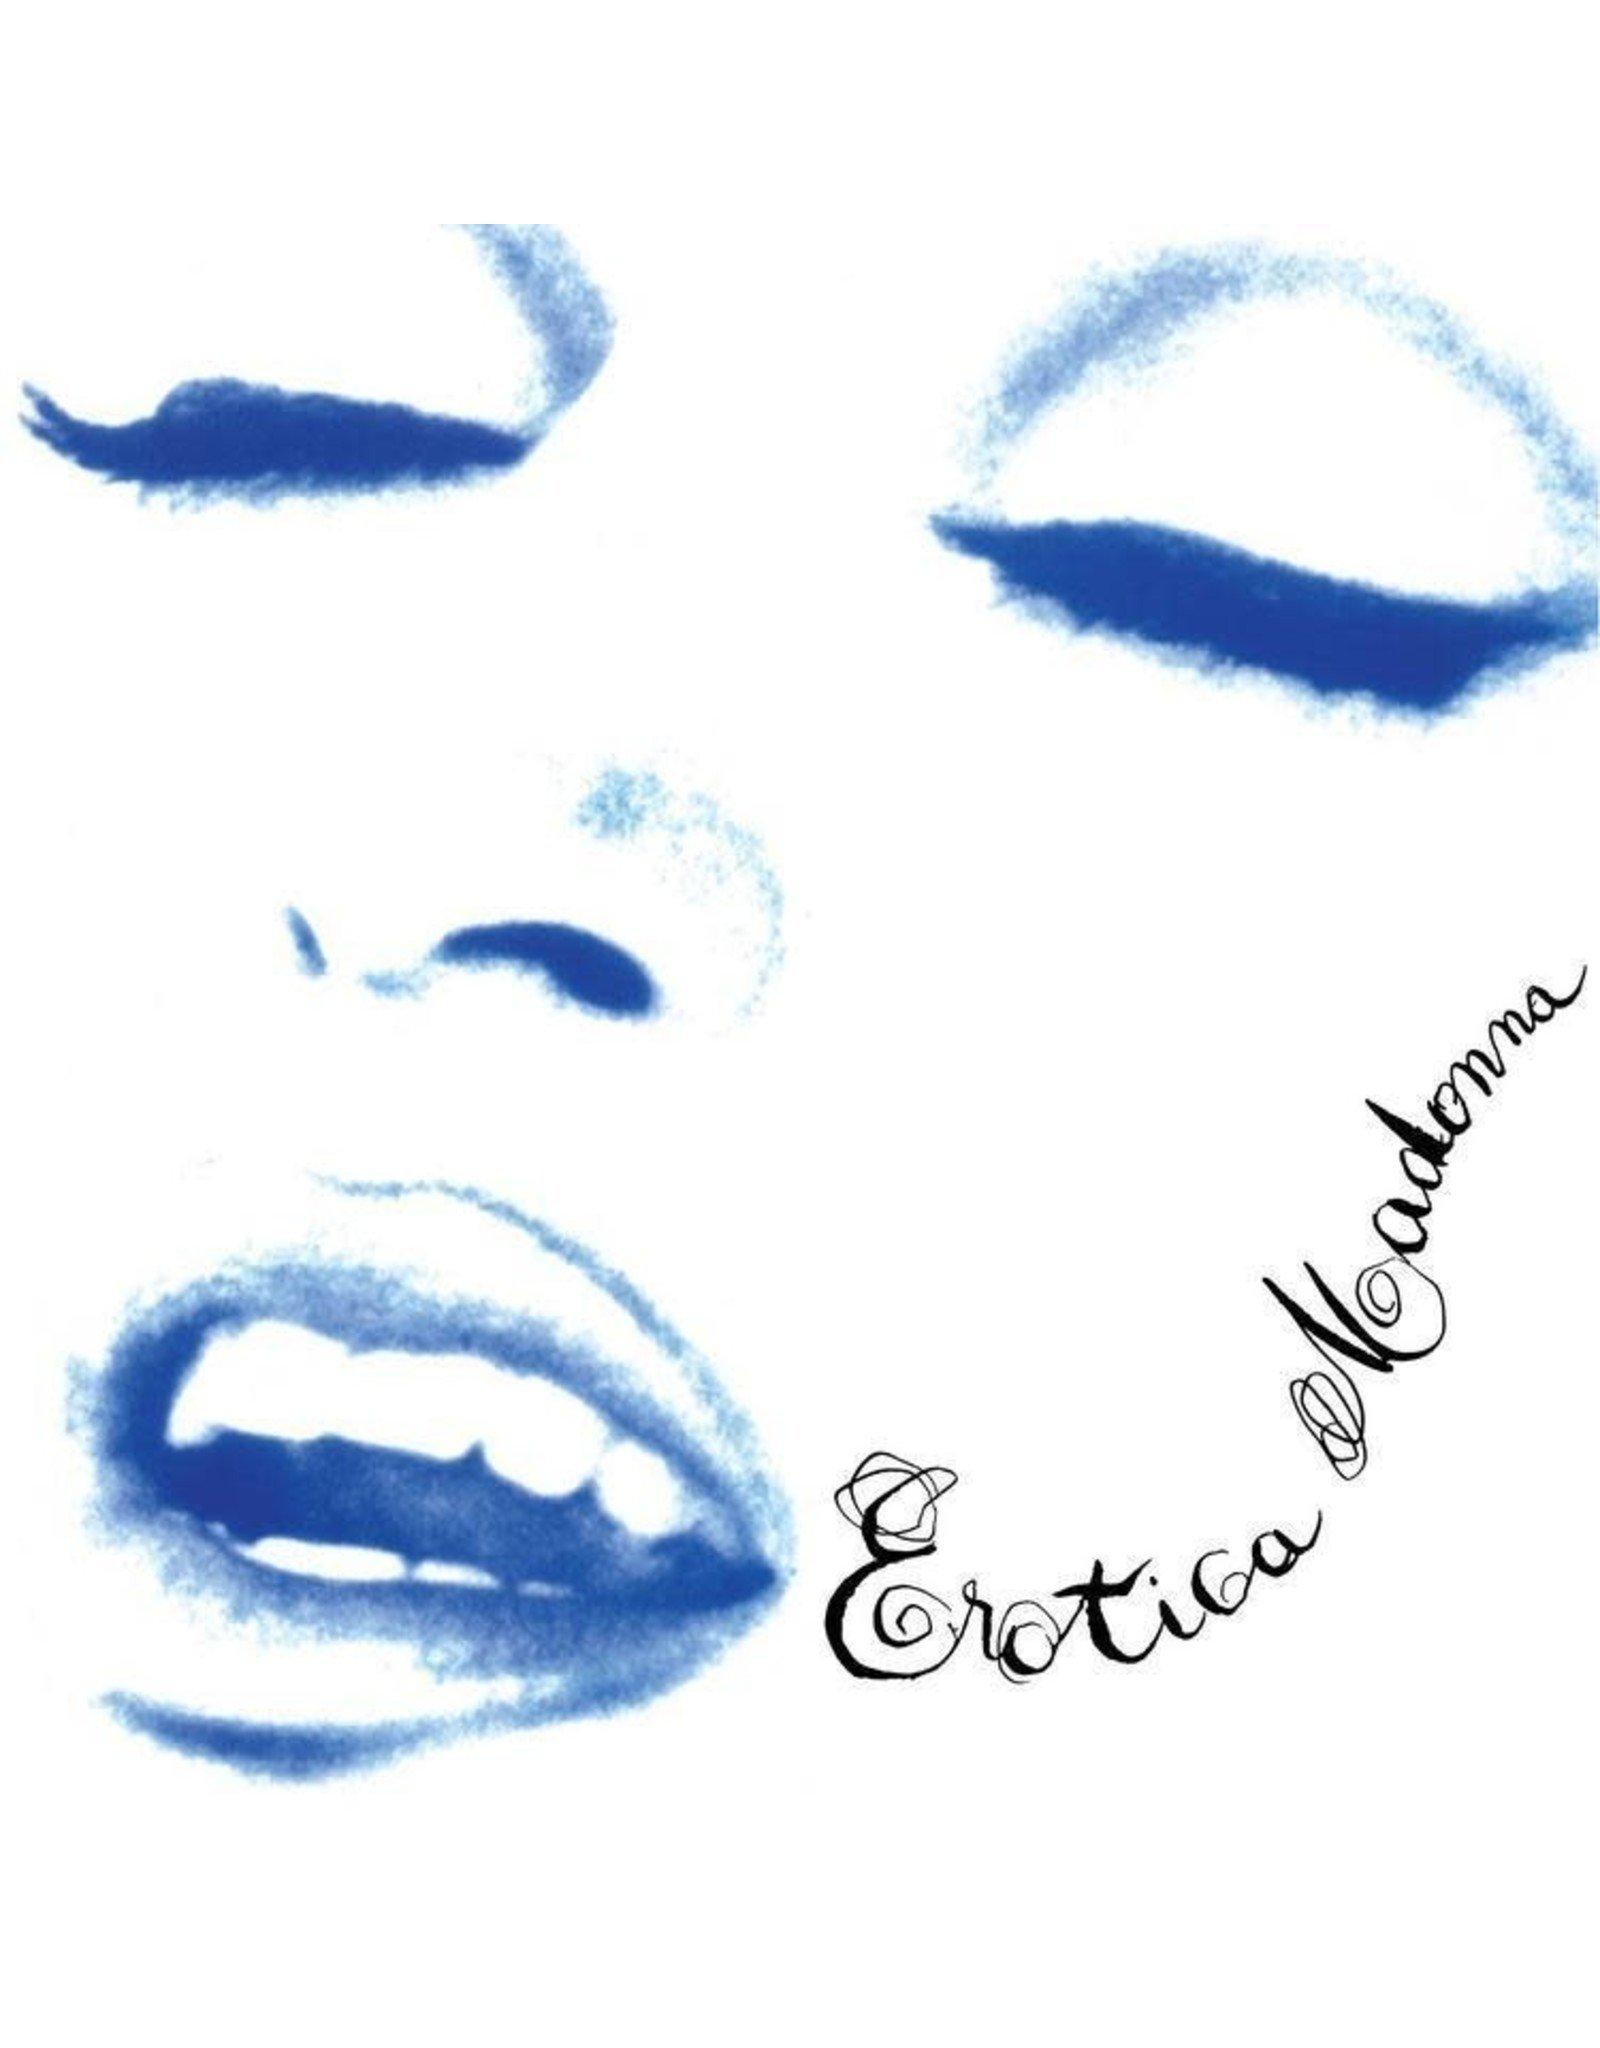 Madonna - Erotica (2016 Edition)